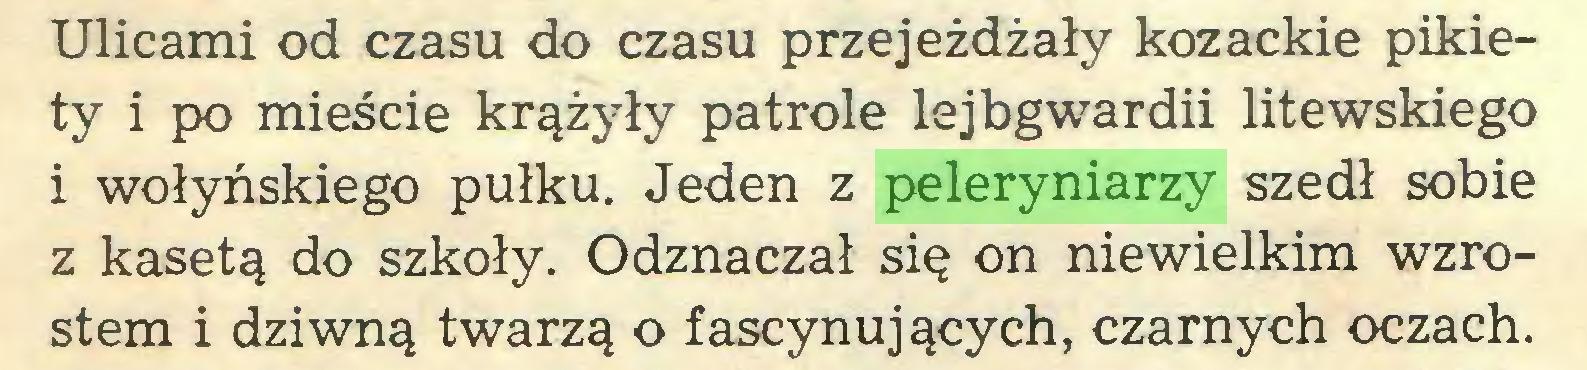 (...) Ulicami od czasu do czasu przejeżdżały kozackie pikiety i po mieście krążyły patrole lejbgwardii litewskiego i wołyńskiego pułku. Jeden z peleryniarzy szedł sobie z kasetą do szkoły. Odznaczał się on niewielkim wzrostem i dziwną twarzą o fascynujących, czarnych oczach...